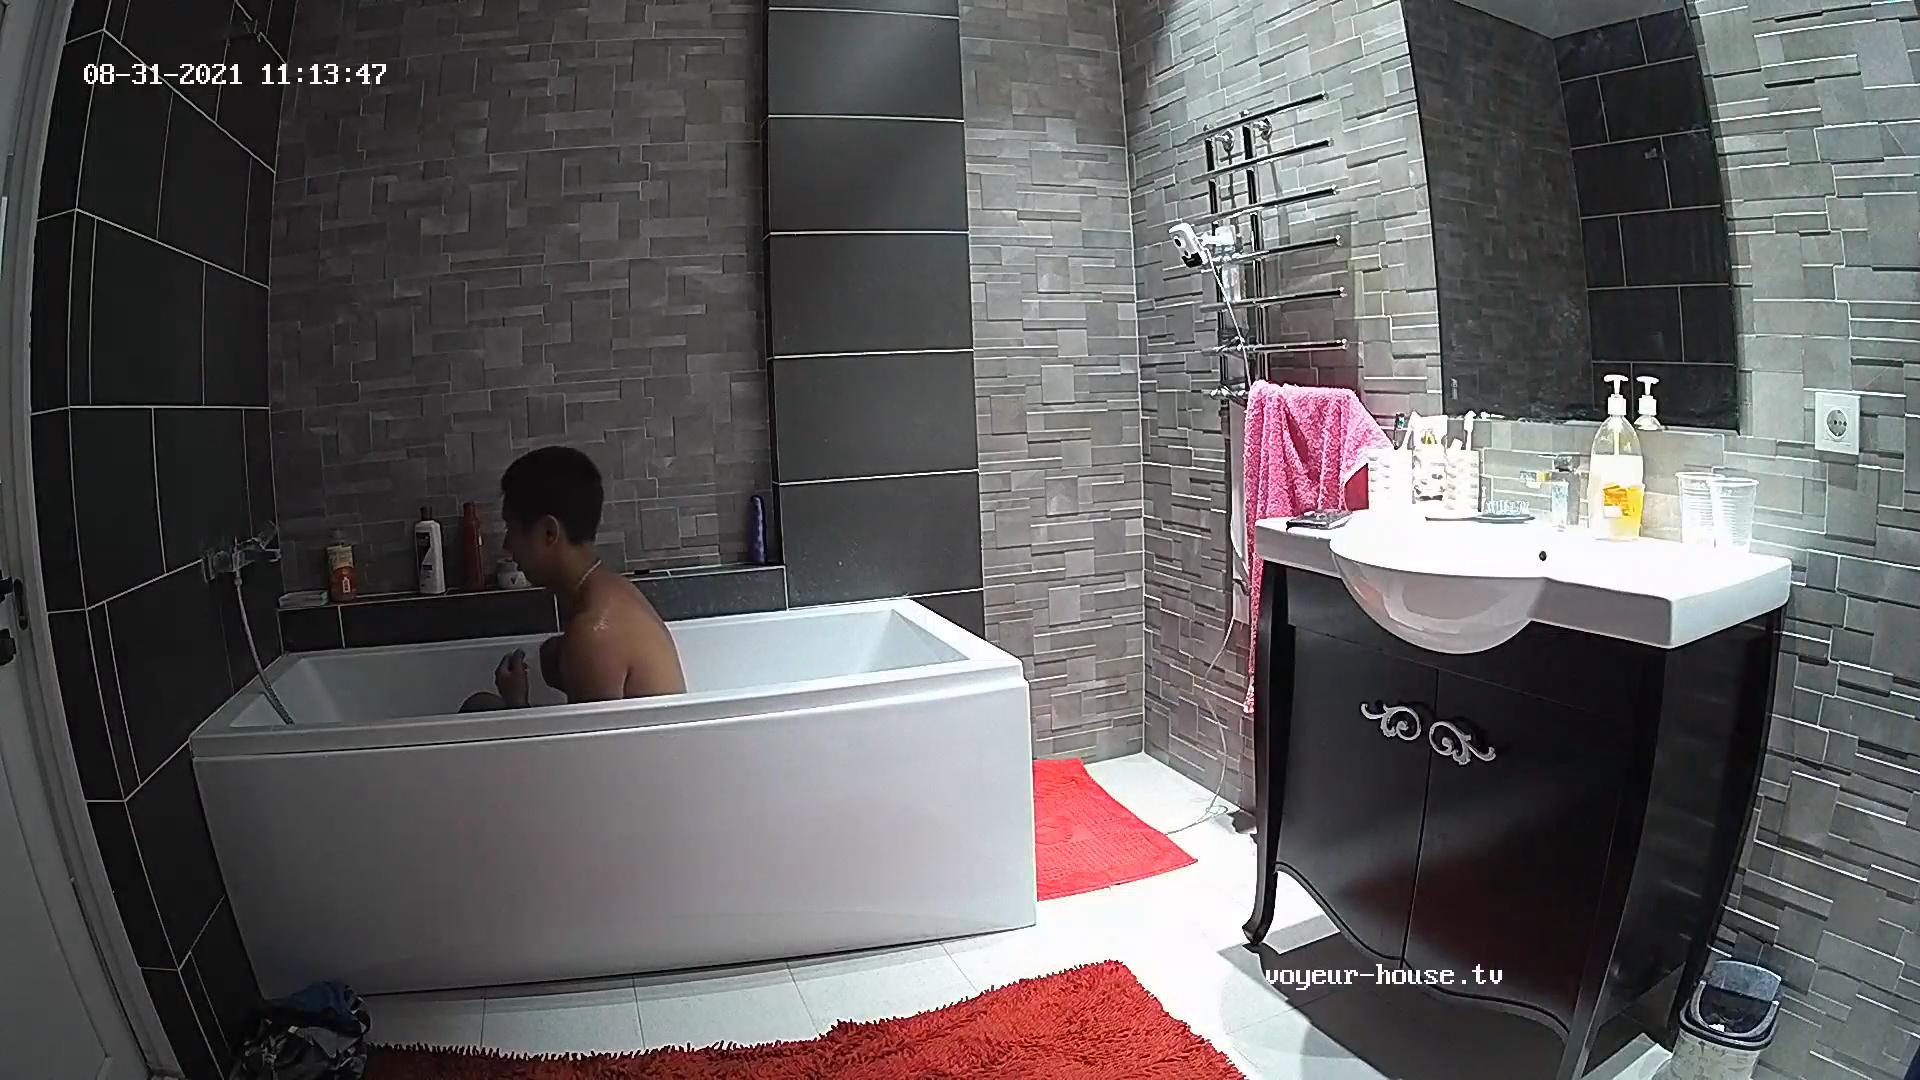 Nok shower 31 Aug 2021 cam 2